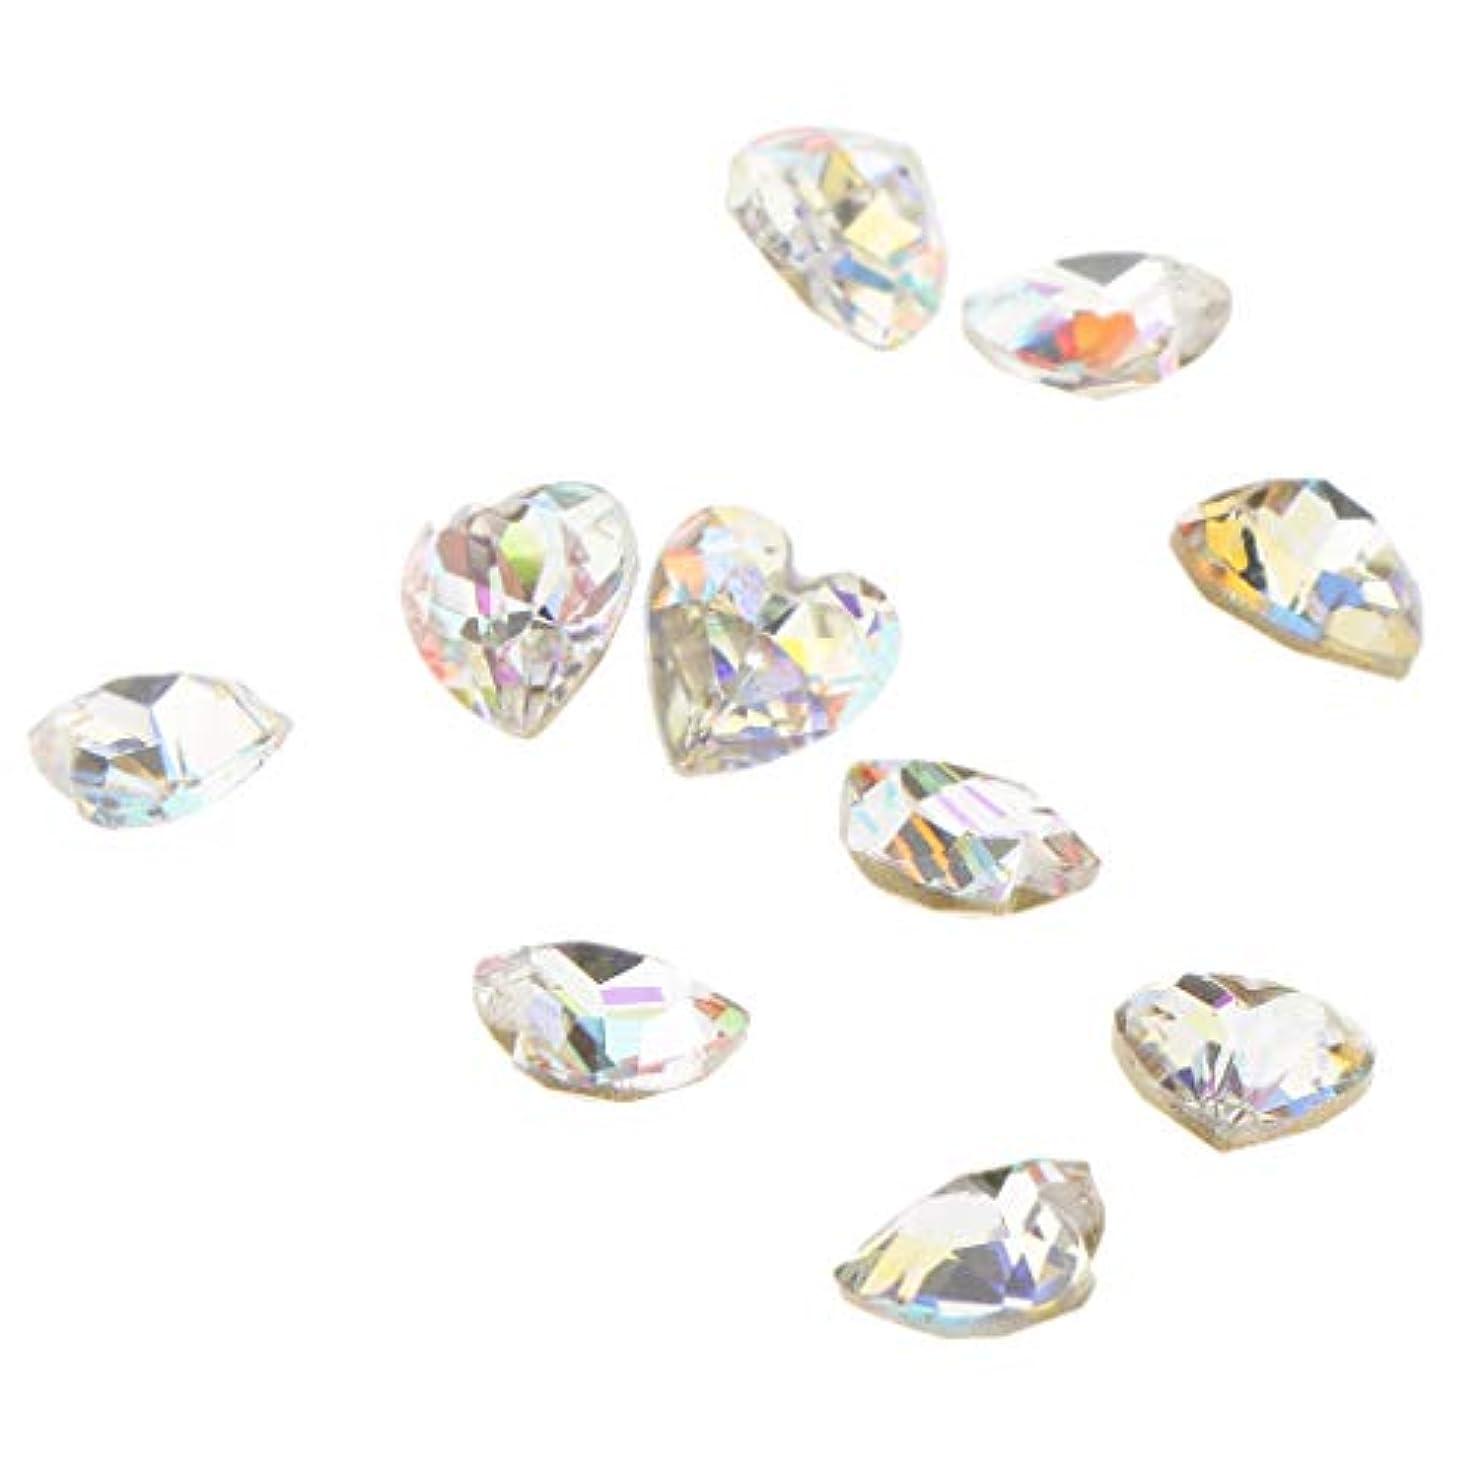 領収書征服者合併10個ネイルアート3Dブリンブリンガラスダイヤモンドのヒント装飾美容ネイルチャーム - ハート1